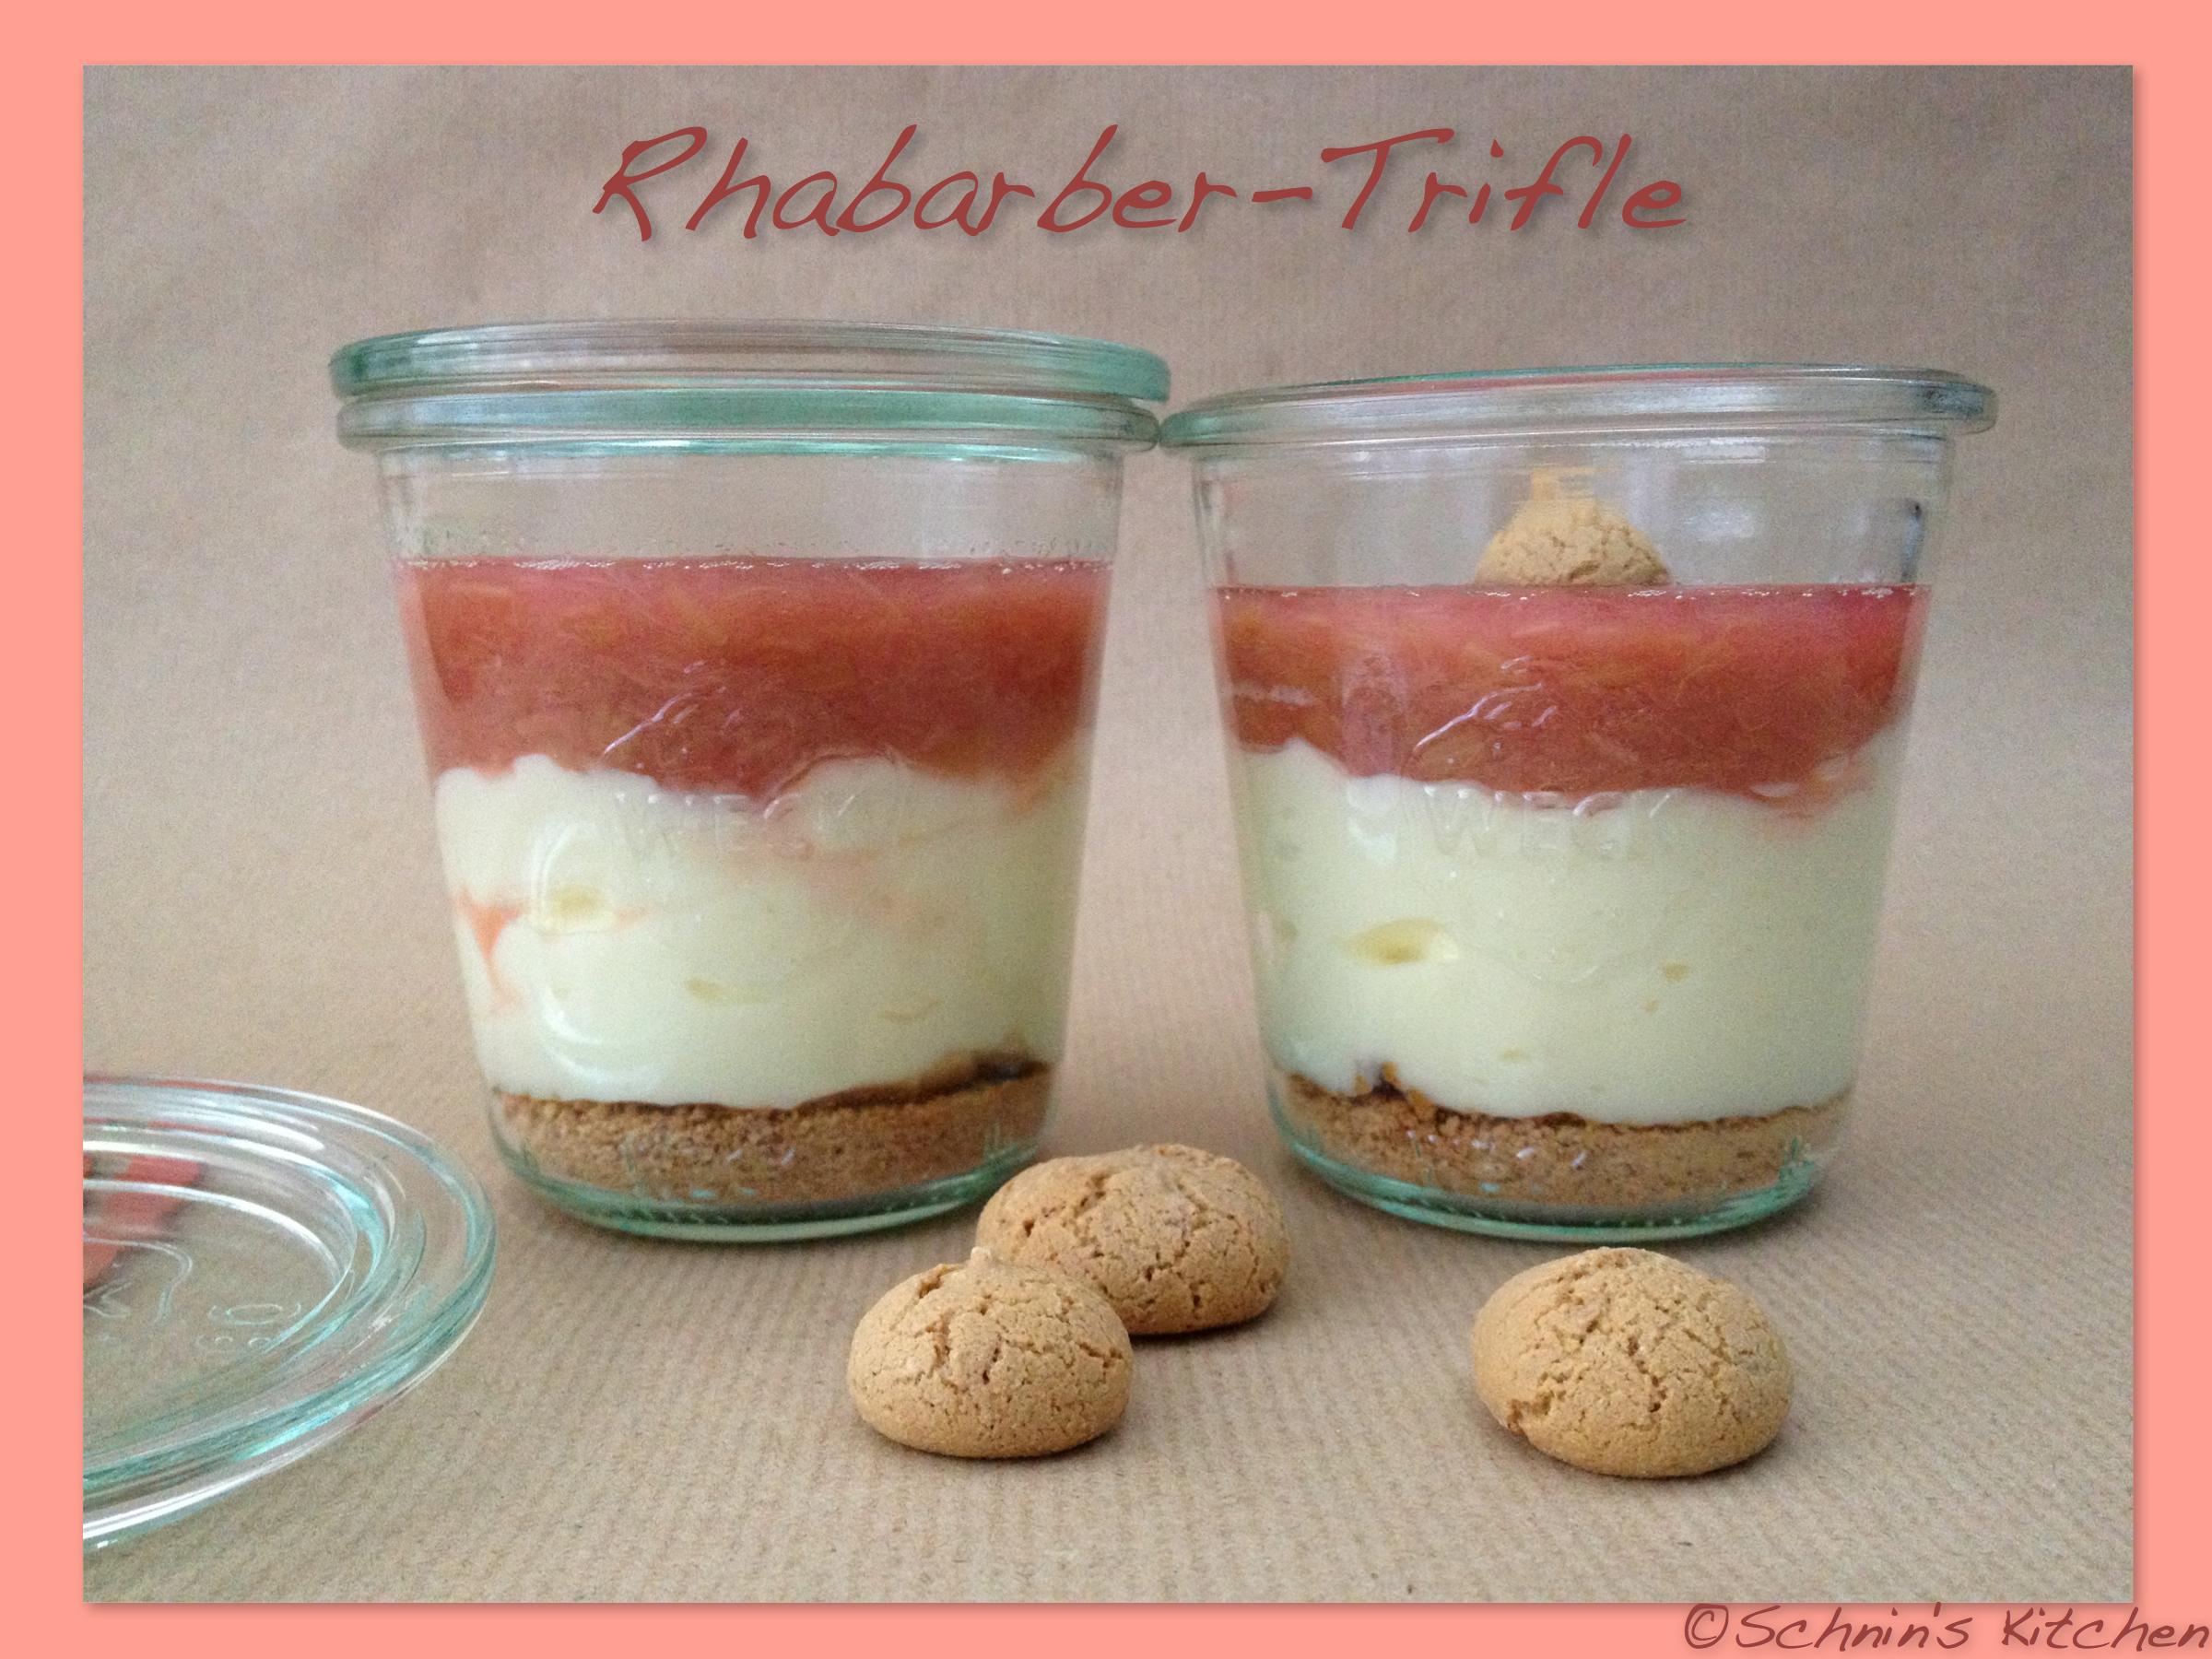 schnin 39 s kitchen rhabarber trifle mit amarettini vanillecreme. Black Bedroom Furniture Sets. Home Design Ideas